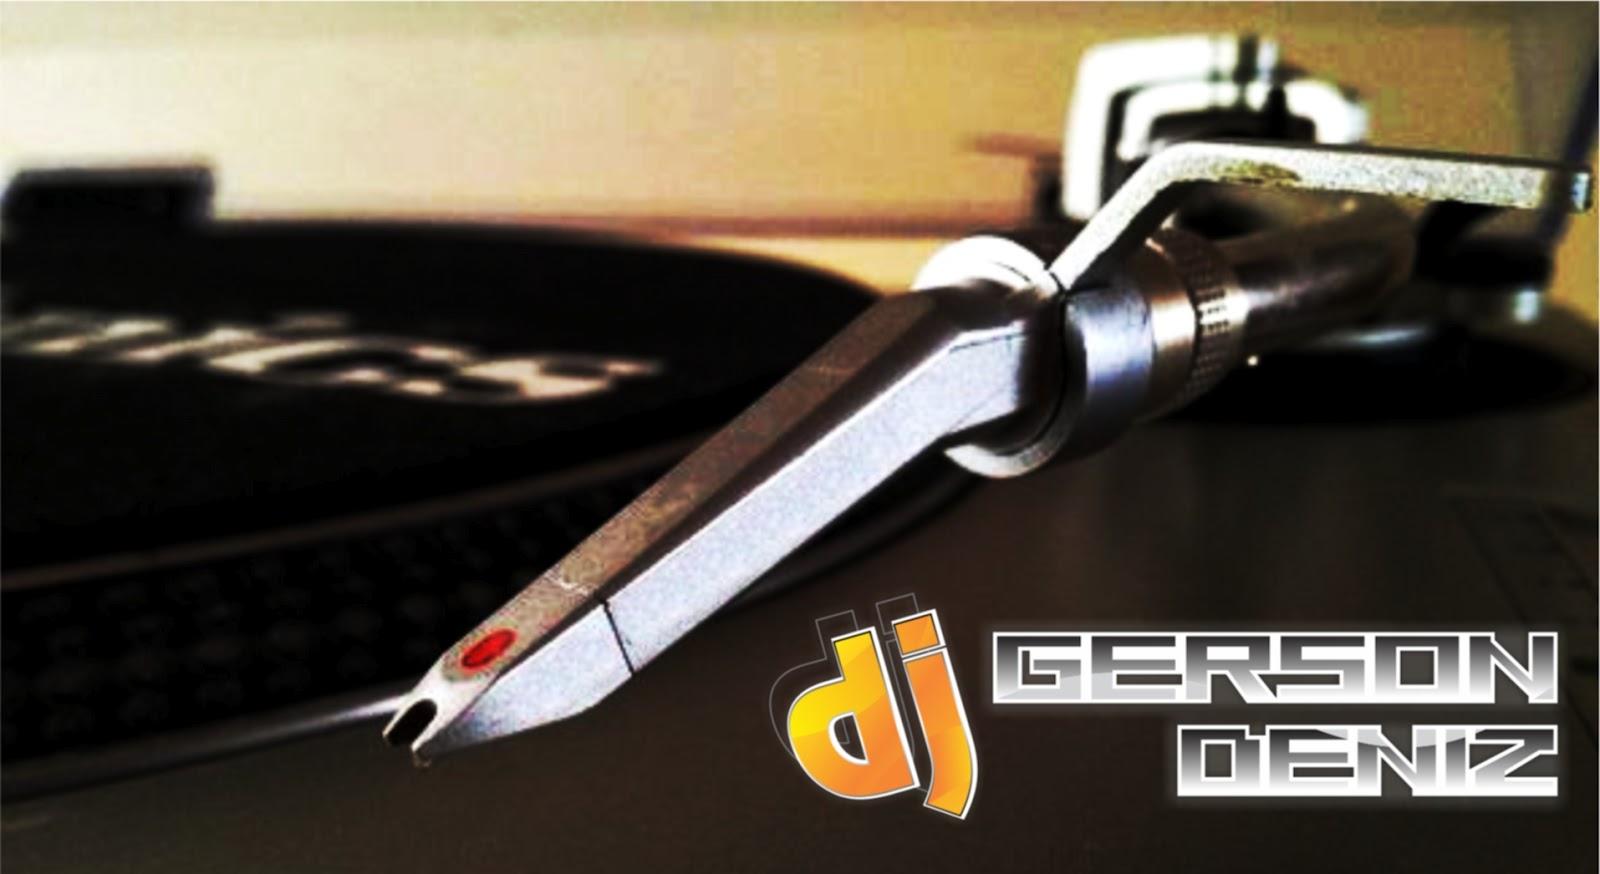 http://3.bp.blogspot.com/-2UInxT0mFRU/UATLPnbfKqI/AAAAAAAABYk/qkywmKIQ1r4/s1600/DJ+GERSON.jpg